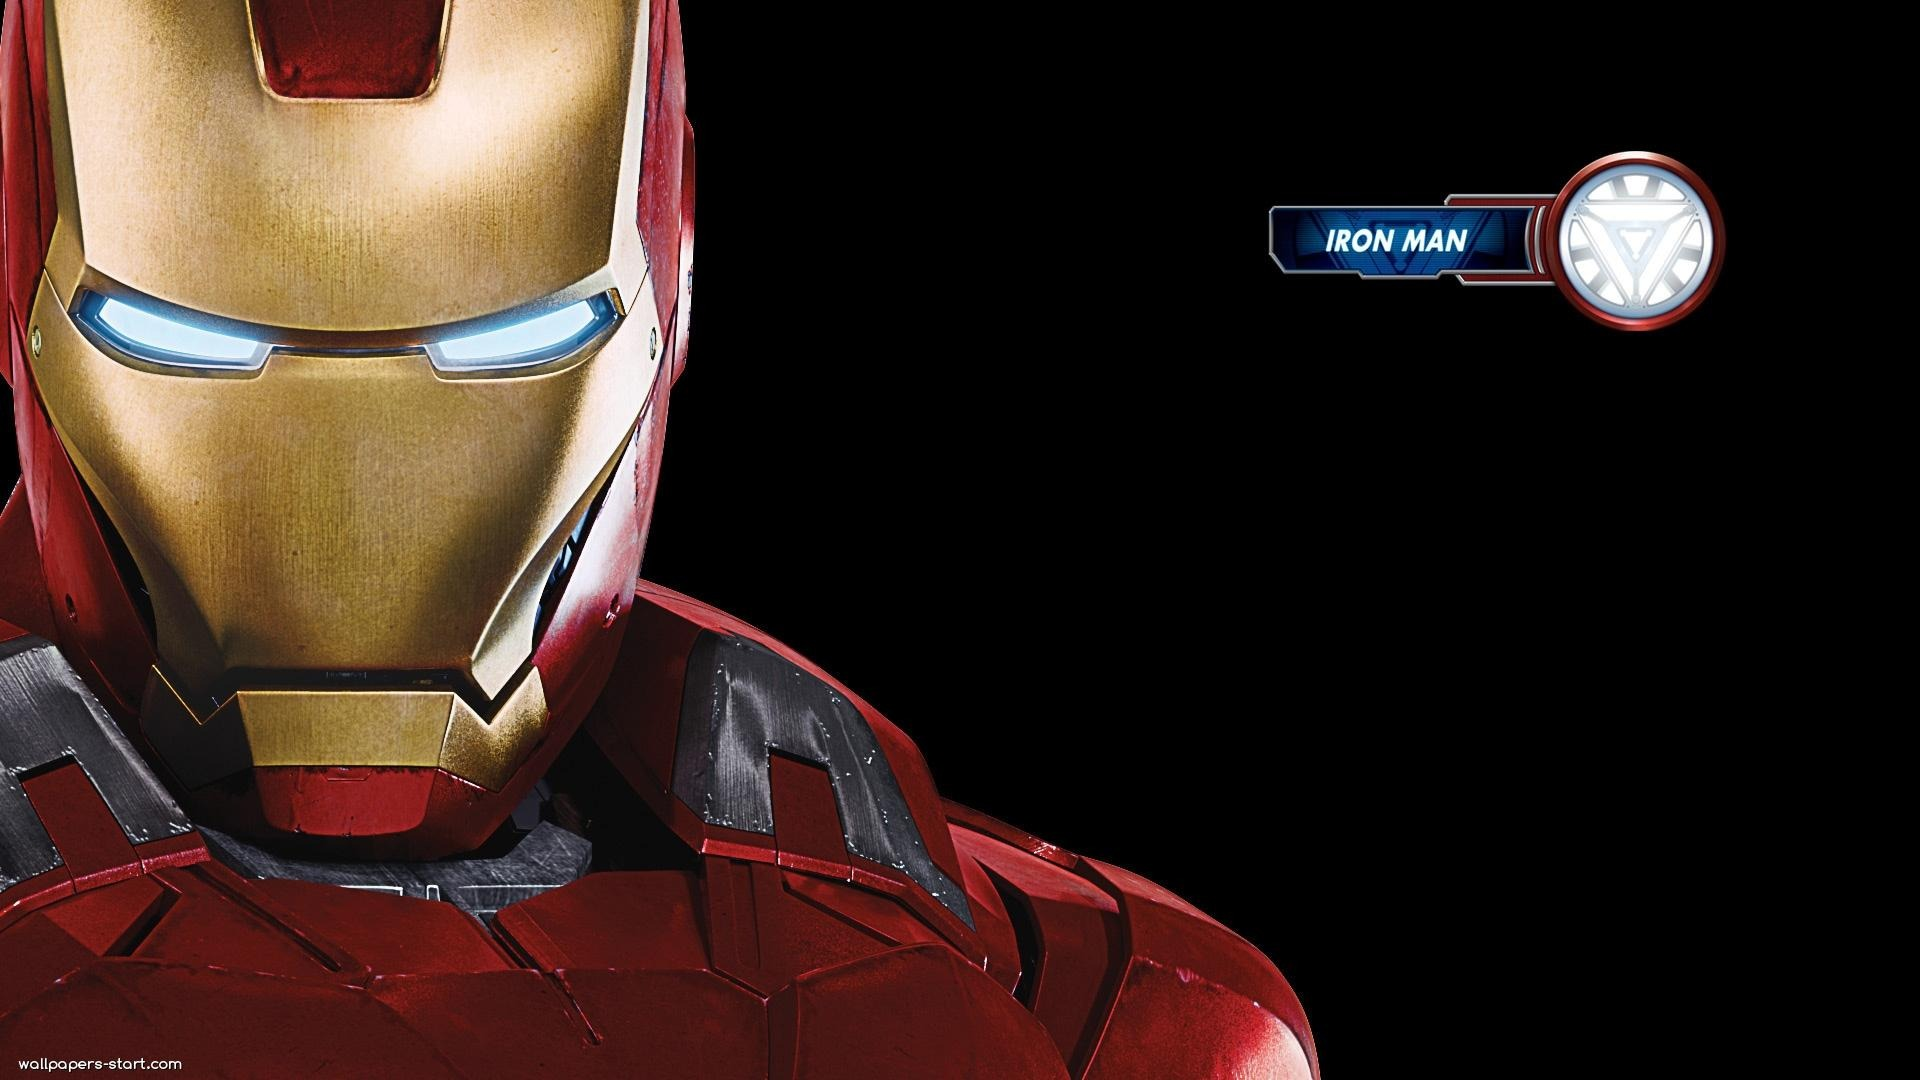 2013 Iron Man 3 Movie Hd Desktop Wallpaper 14 Preview